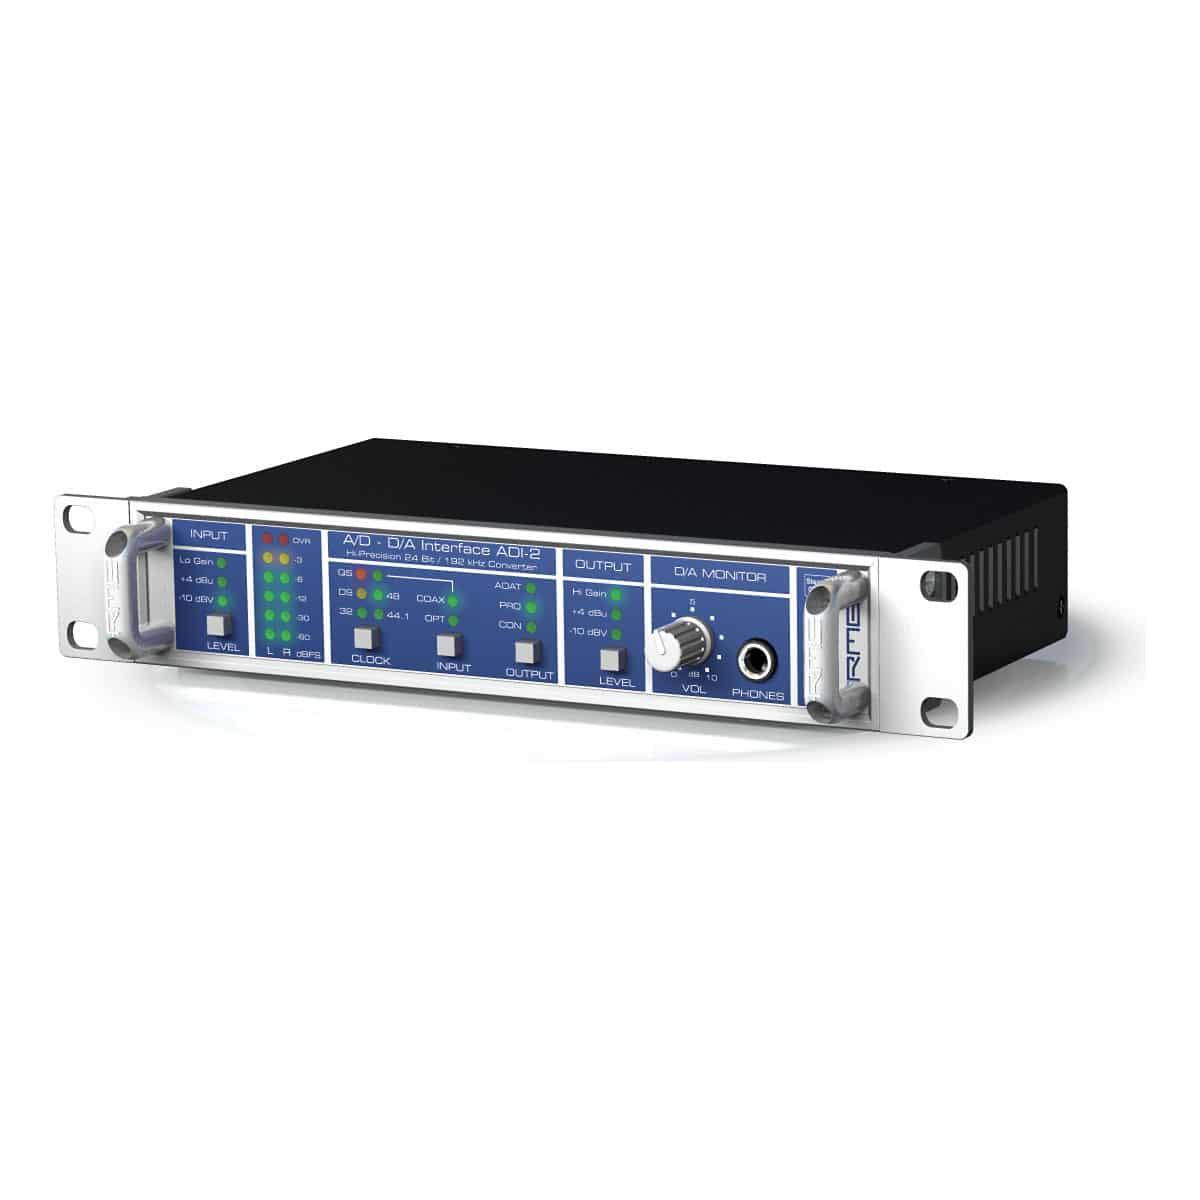 RME ADI 2 01 Convertitori audio professionali, Strumentazioni Pro Audio per studi di registrazione, Audio digitale: Convertitori e schede audio, Interfacce e schede audio USB e Thunderbolt per PC e Mac